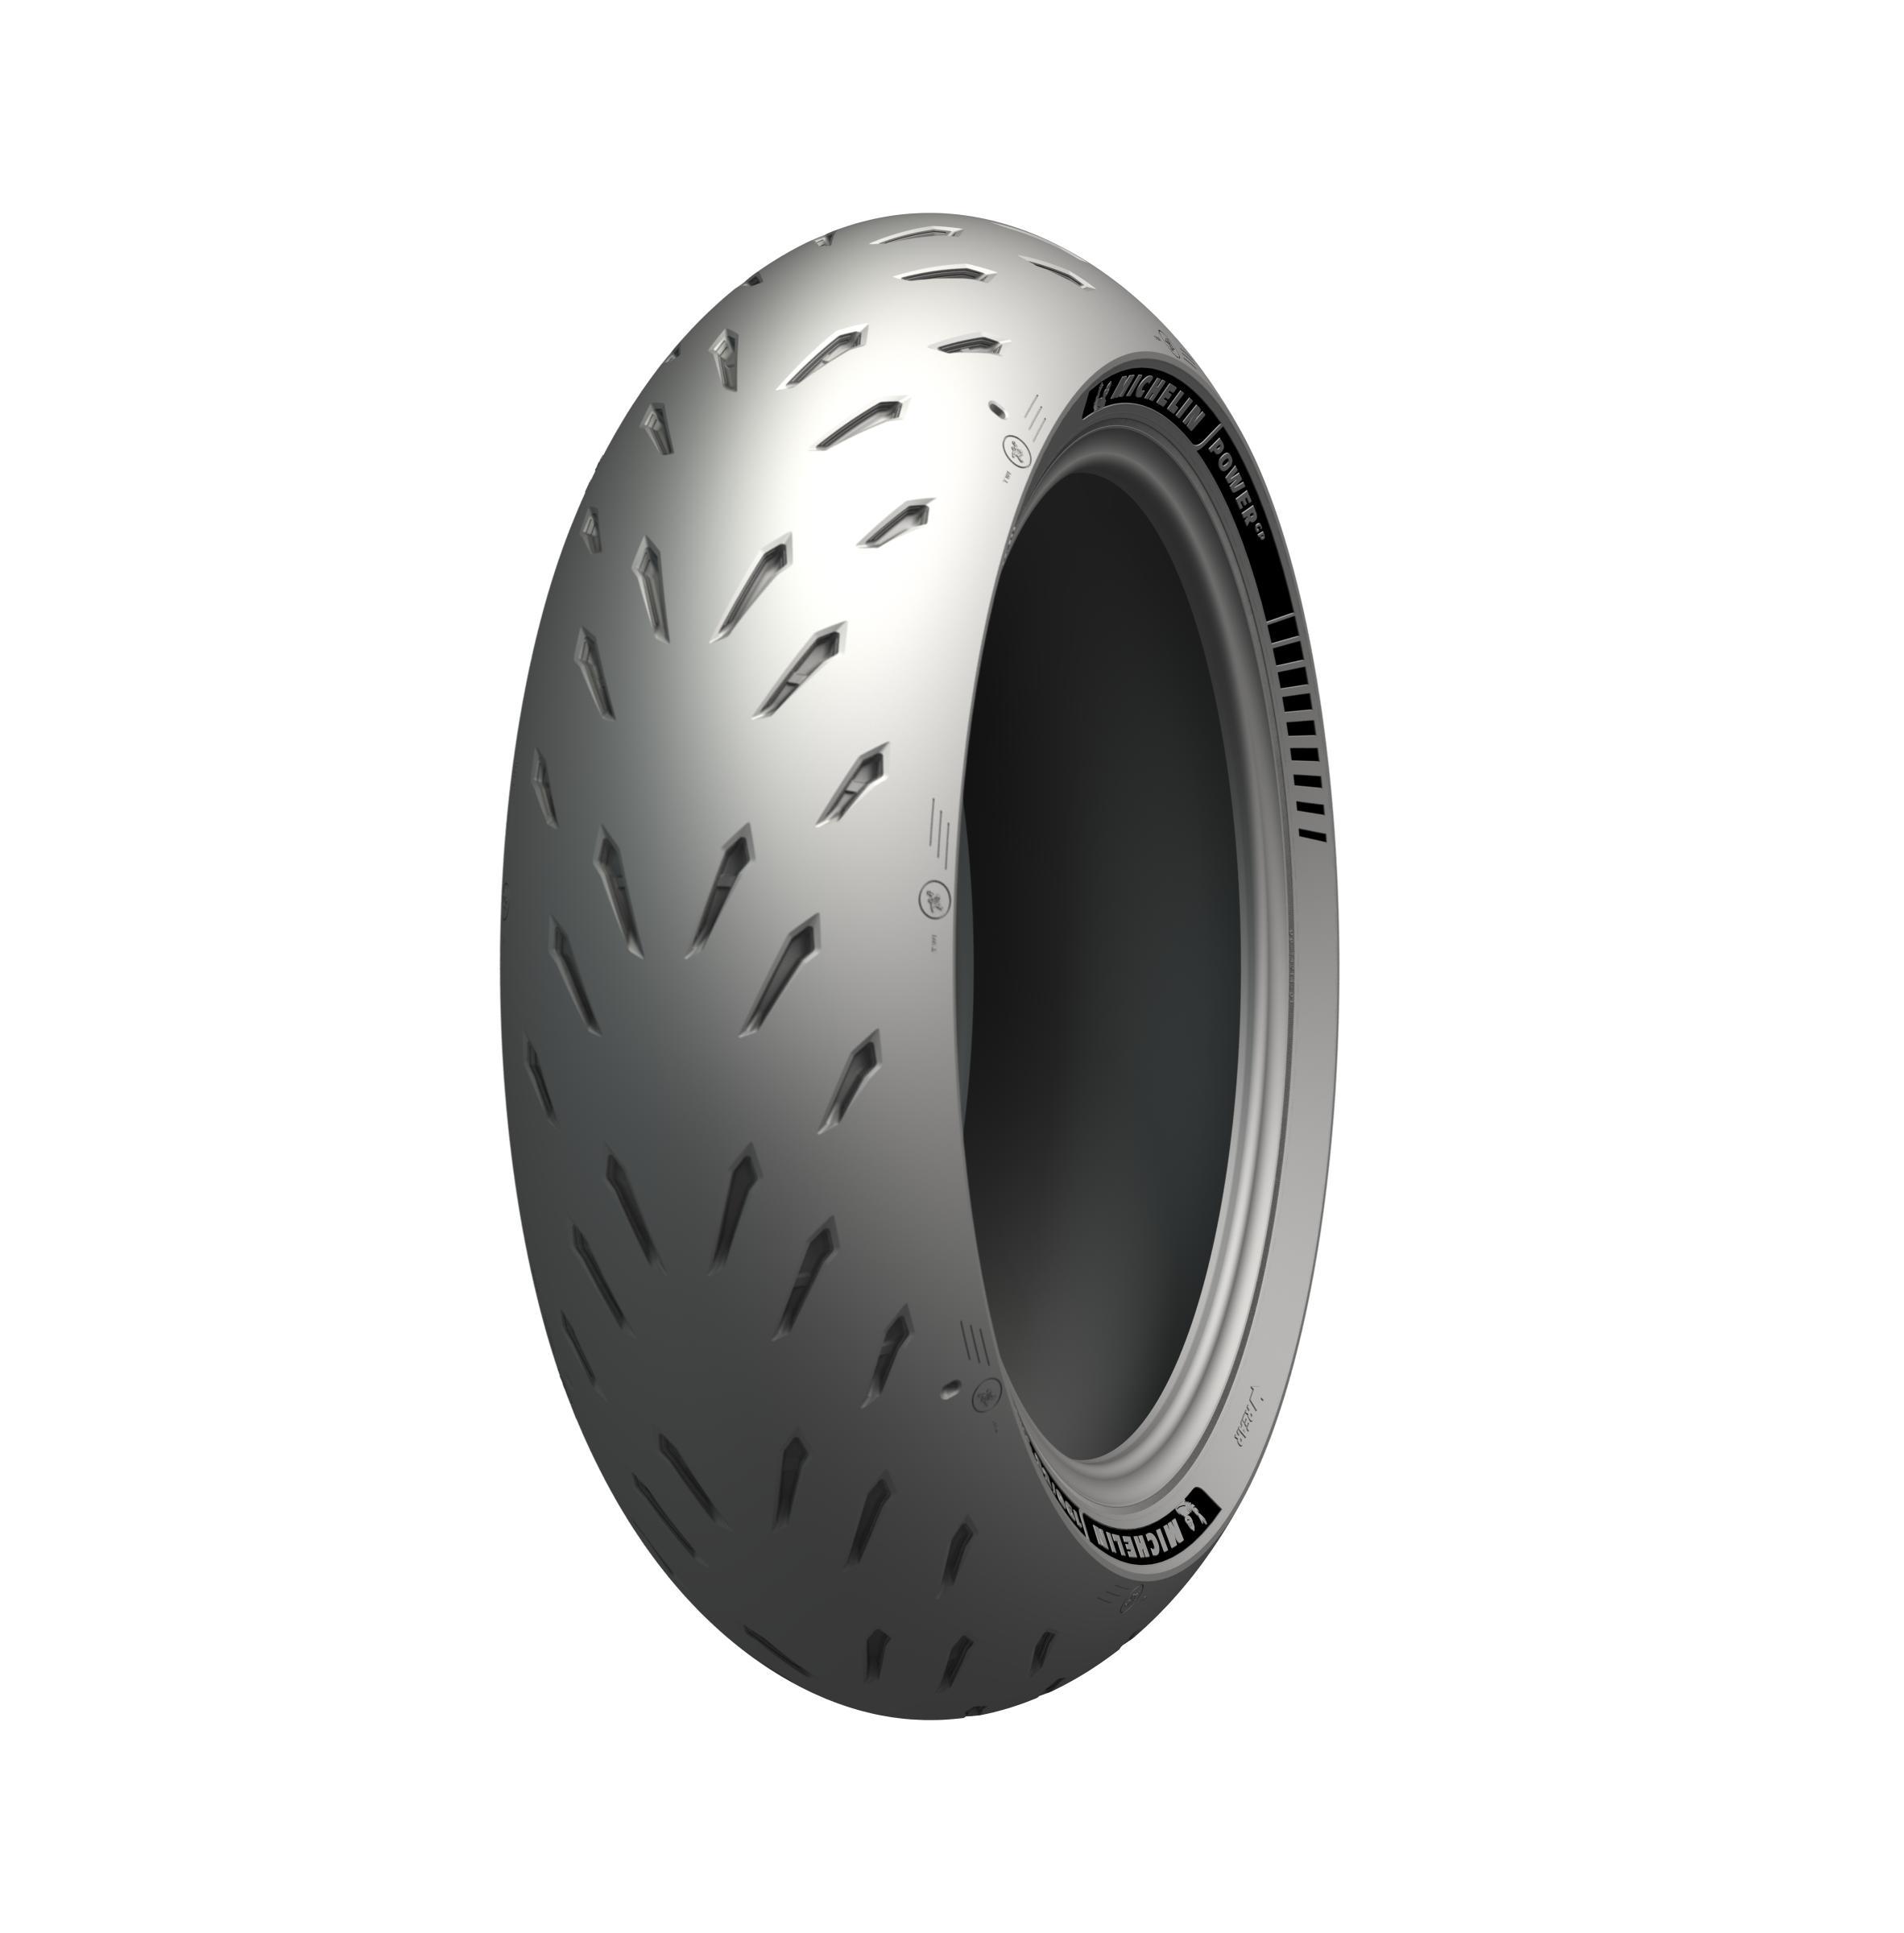 MICHELIN 190/55ZR17 M/C (75W) PowerGP リア TL(チューブレスタイヤ)